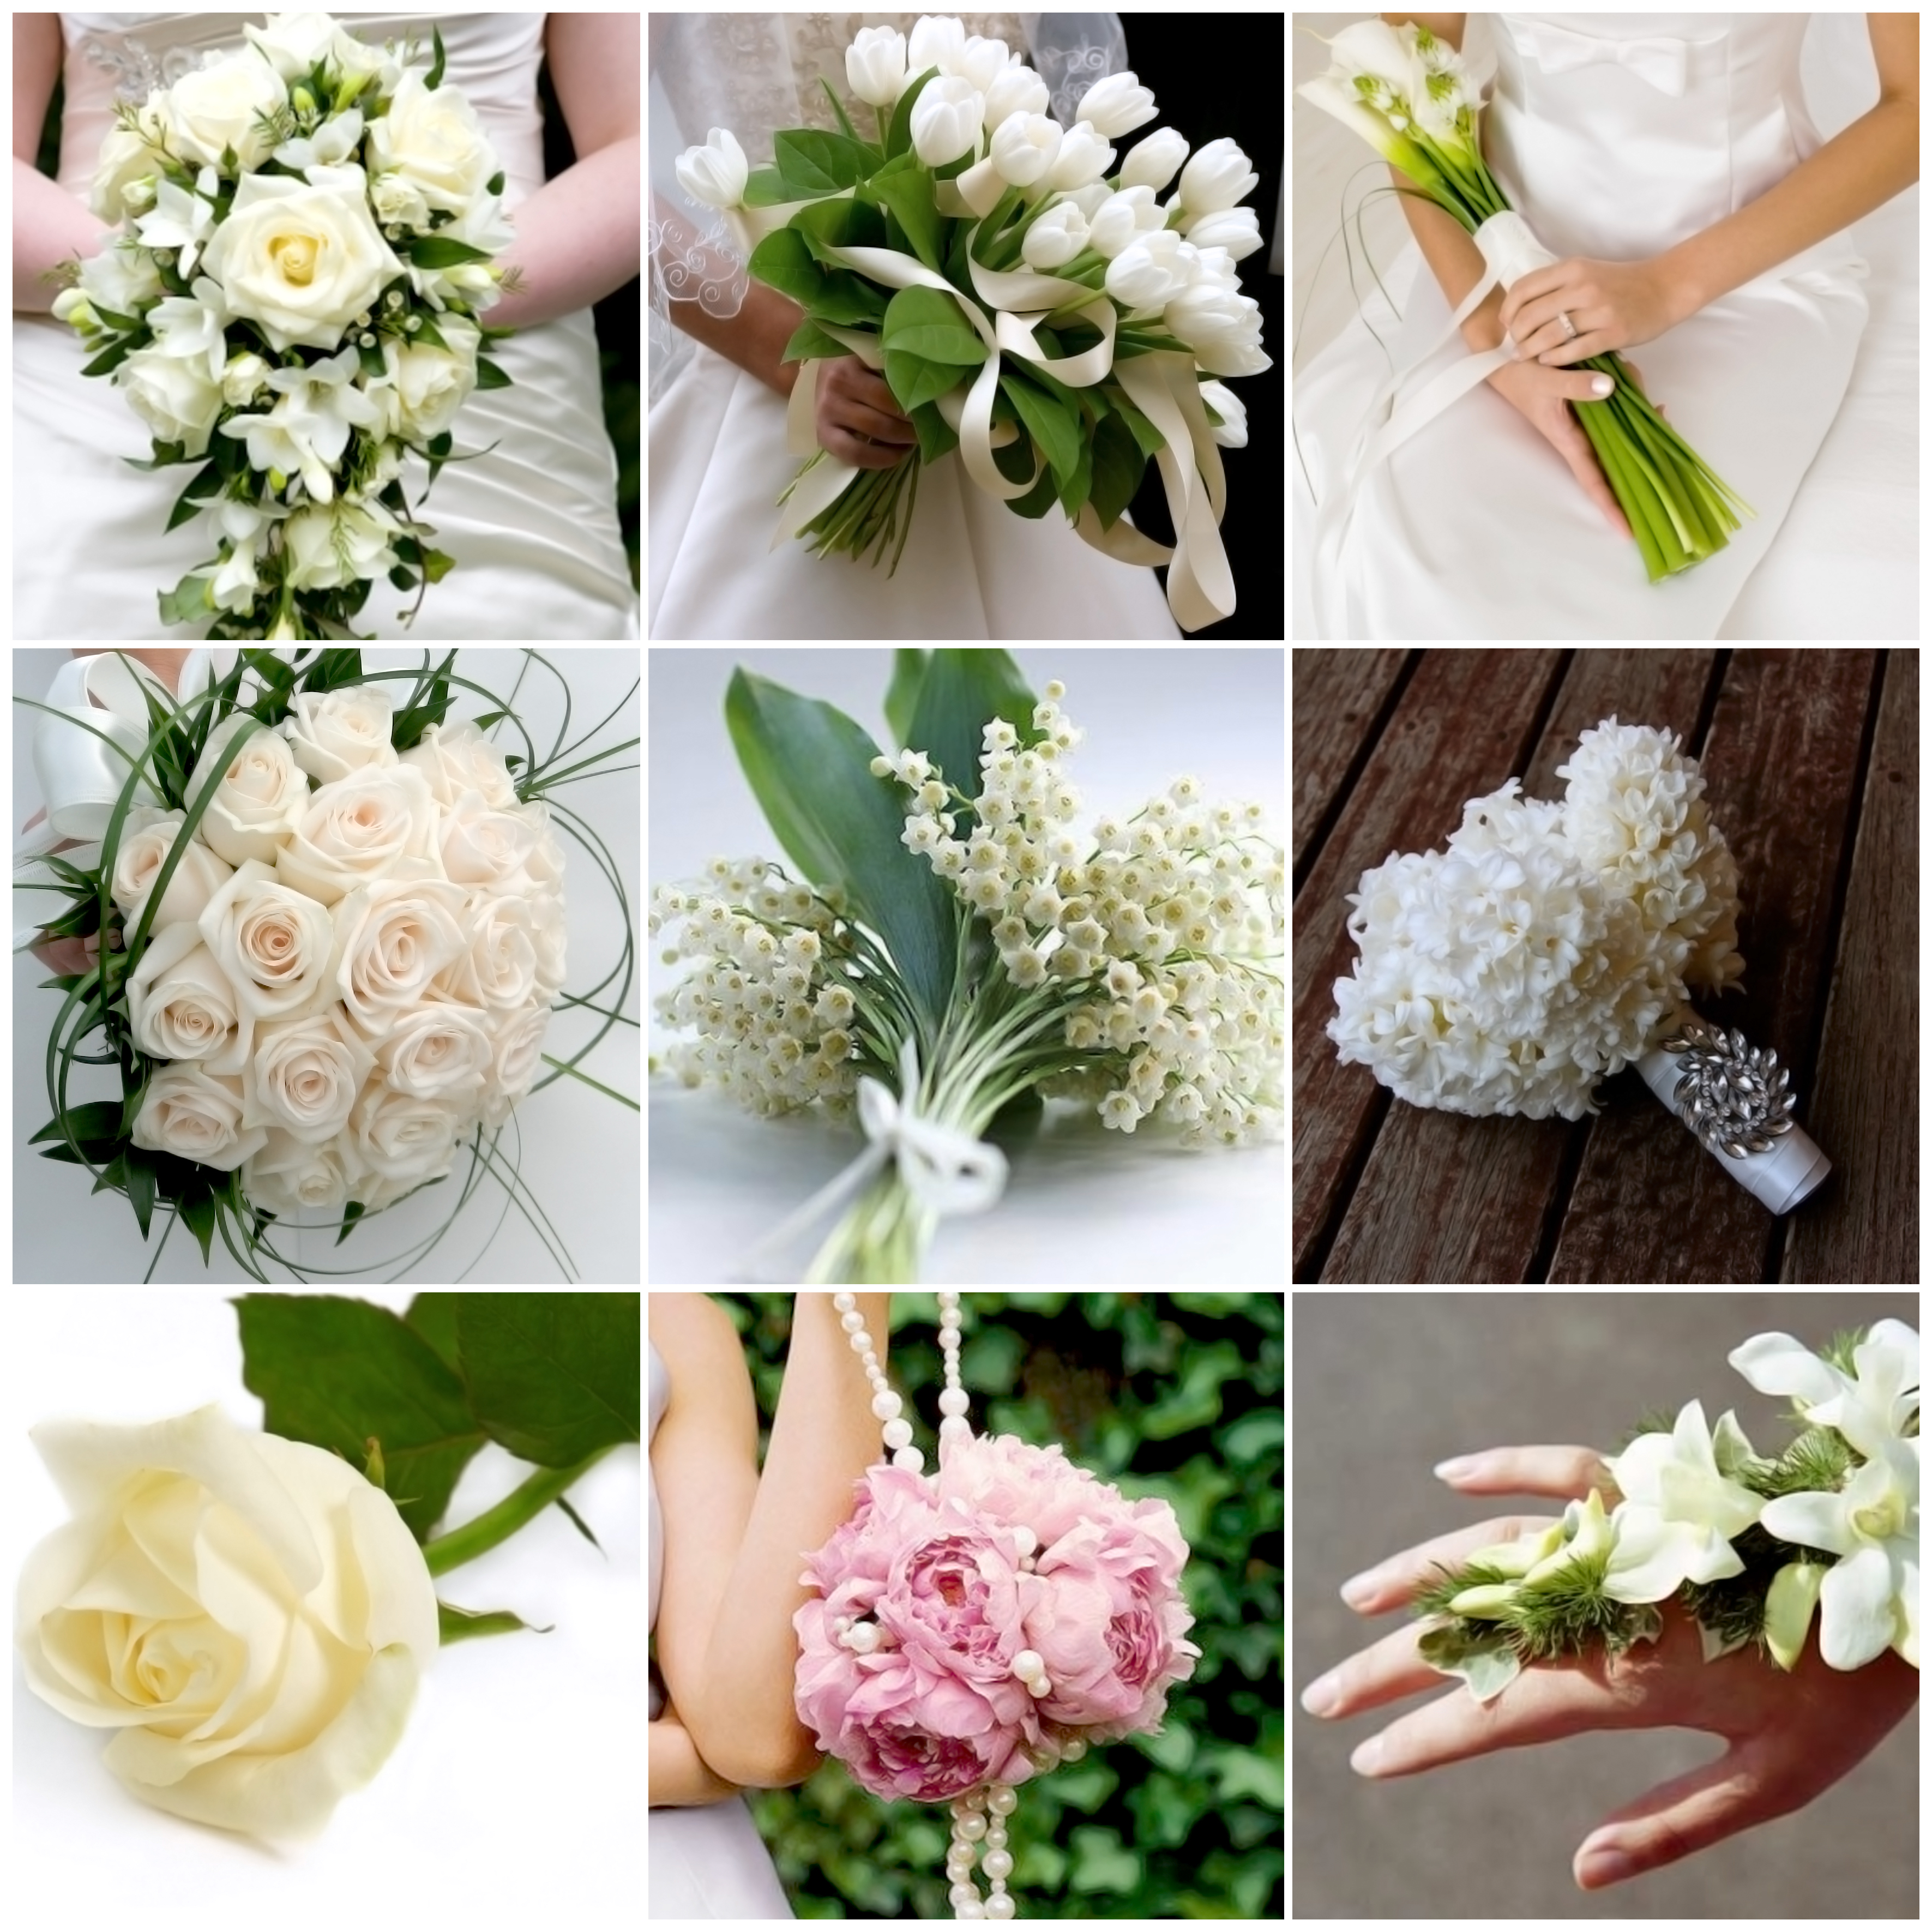 Foto Bouquet Sposa.A Ciascuna Il Proprio Bouquet